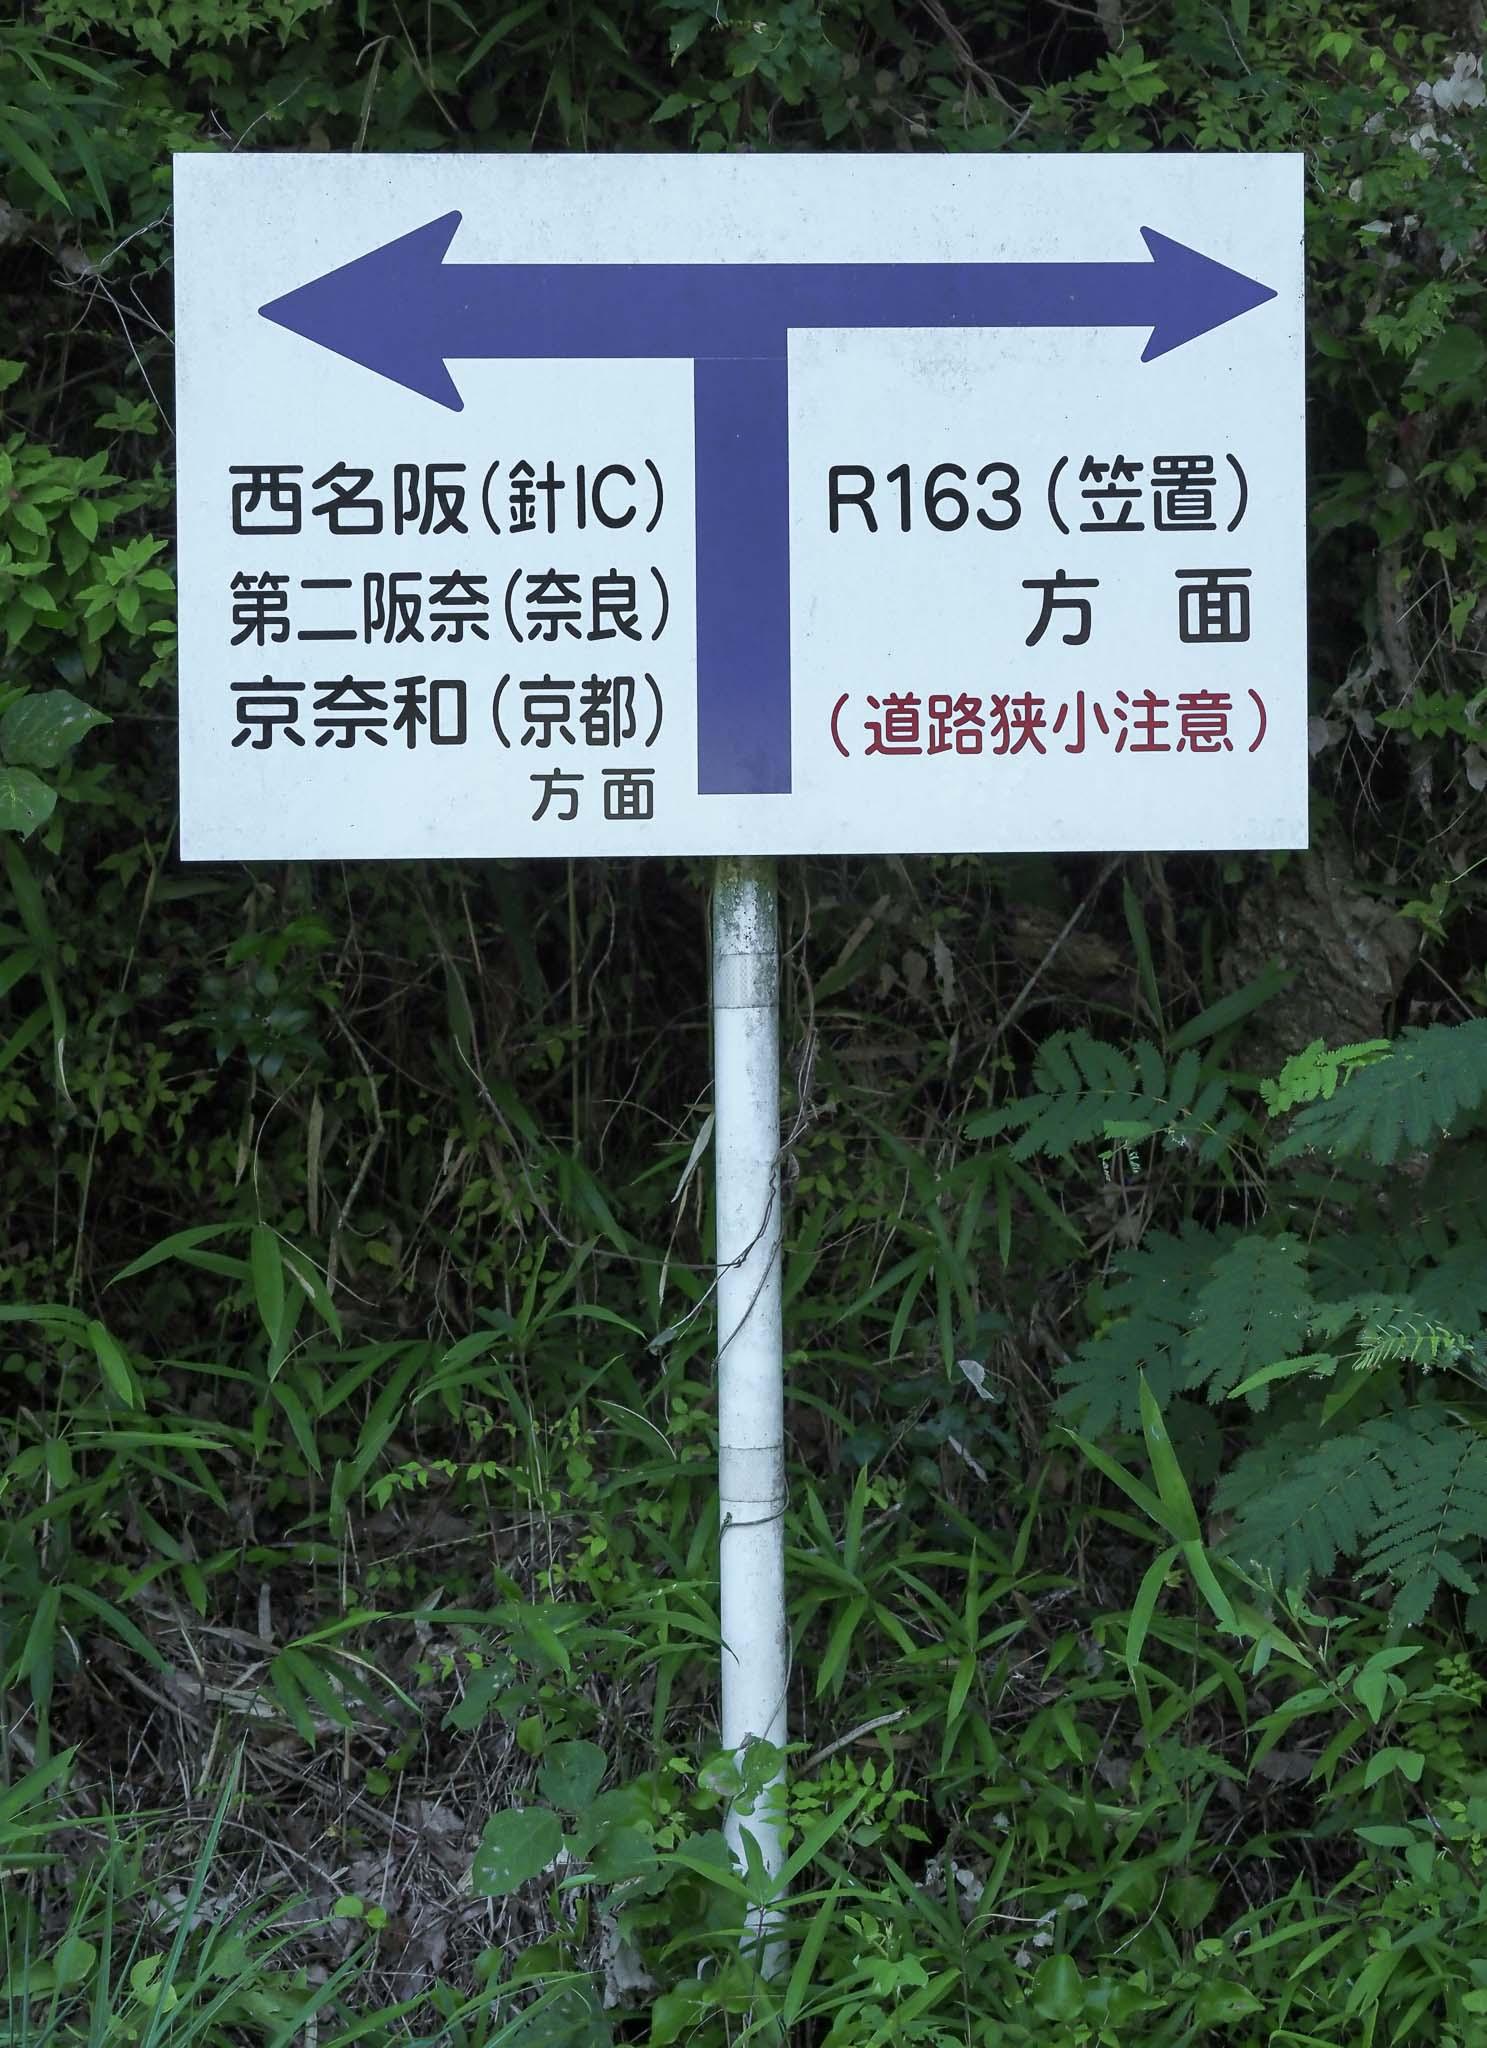 奈良県 柳生下町